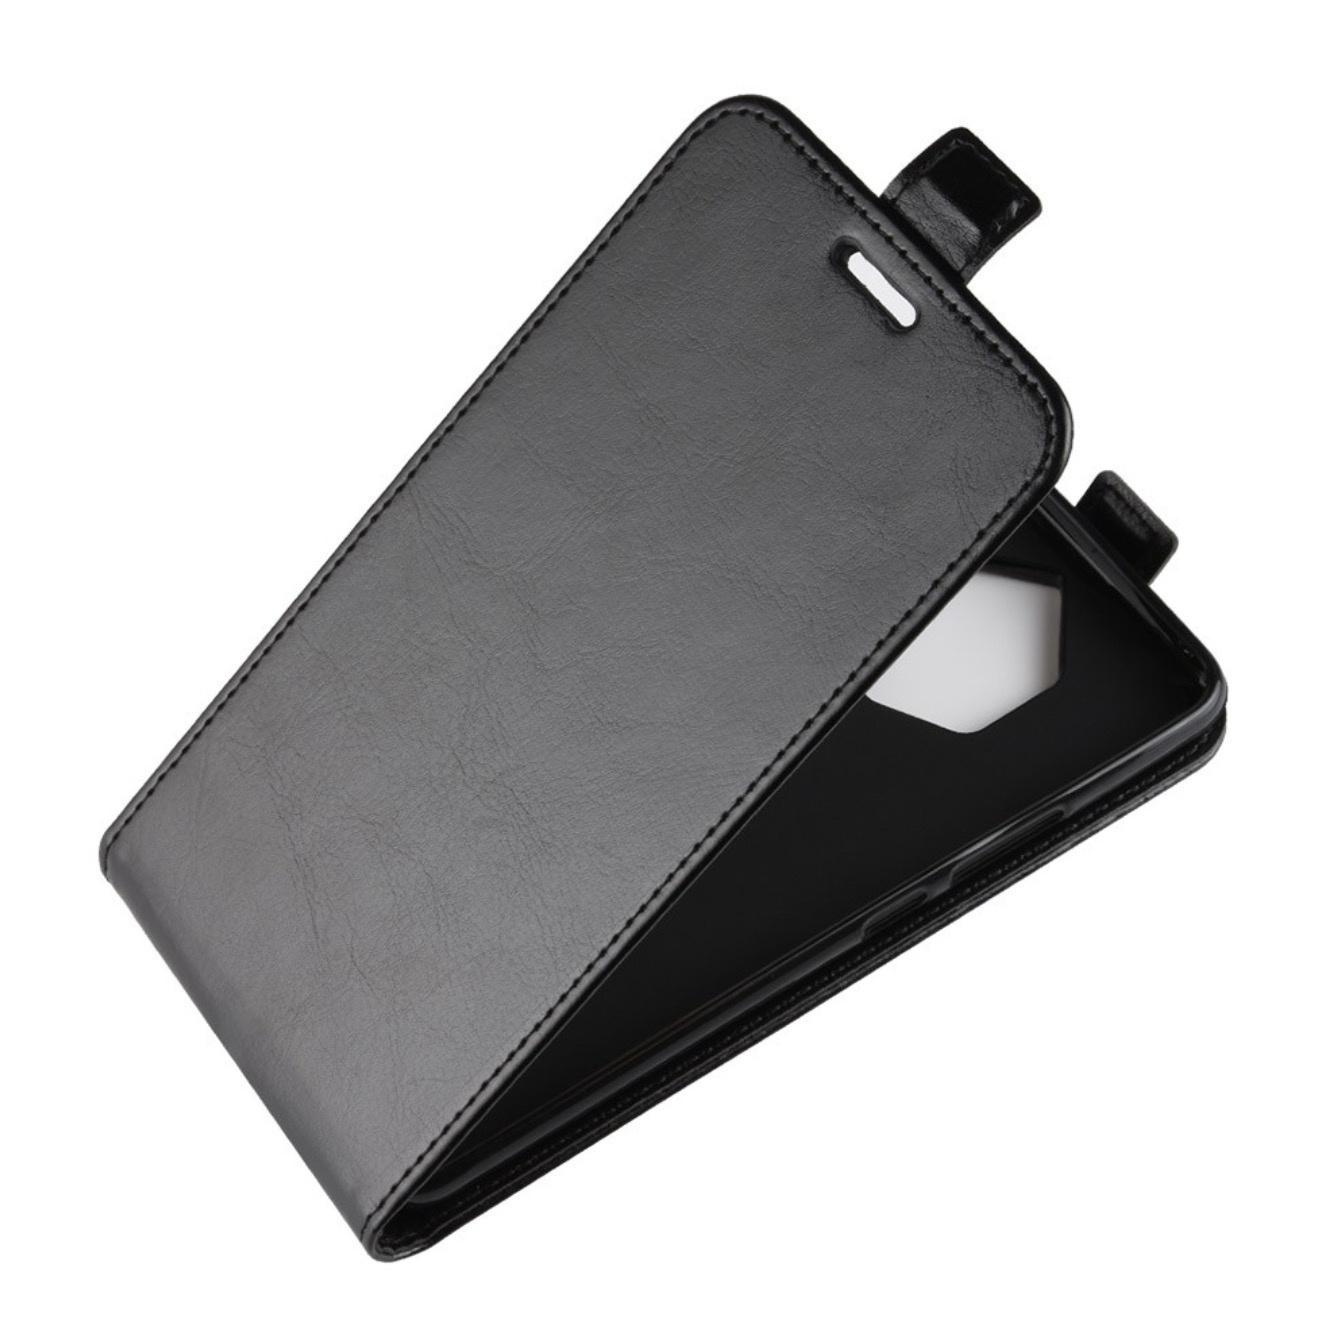 купить Чехол-флип MyPads для Alcatel One Touch Idol 2 OT 6037Y/K/B вертикальный откидной черный по цене 397 рублей